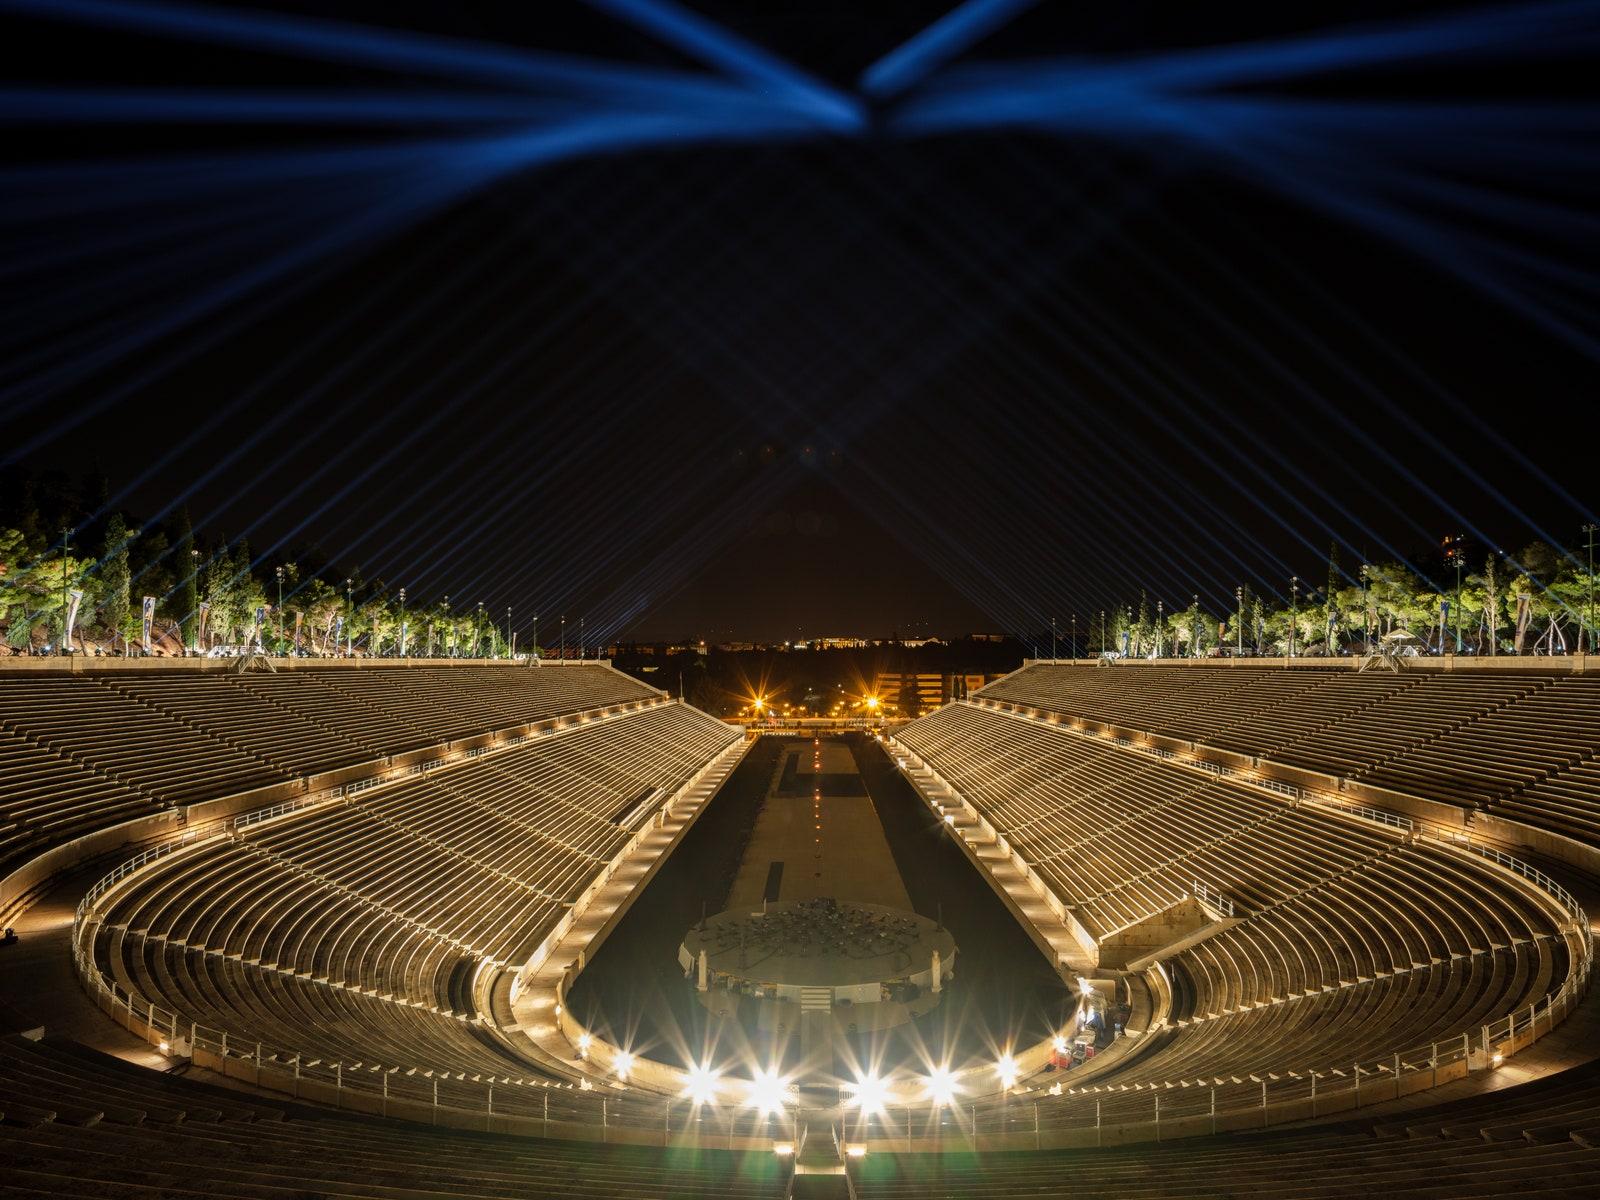 sân vận động Panathenaic